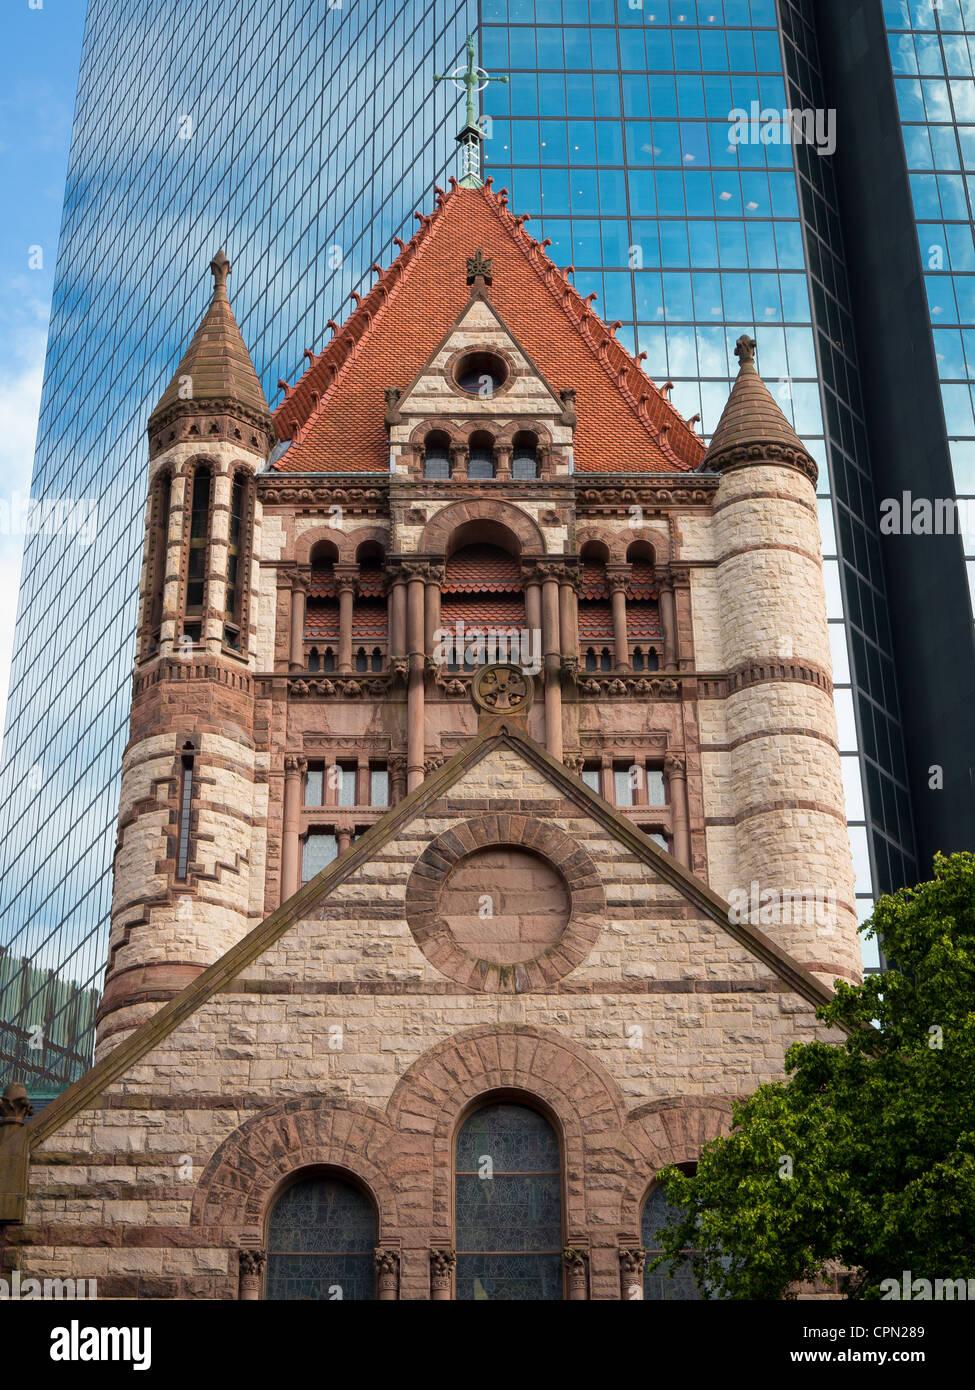 Trinity Church in the City of Boston Stock Photo